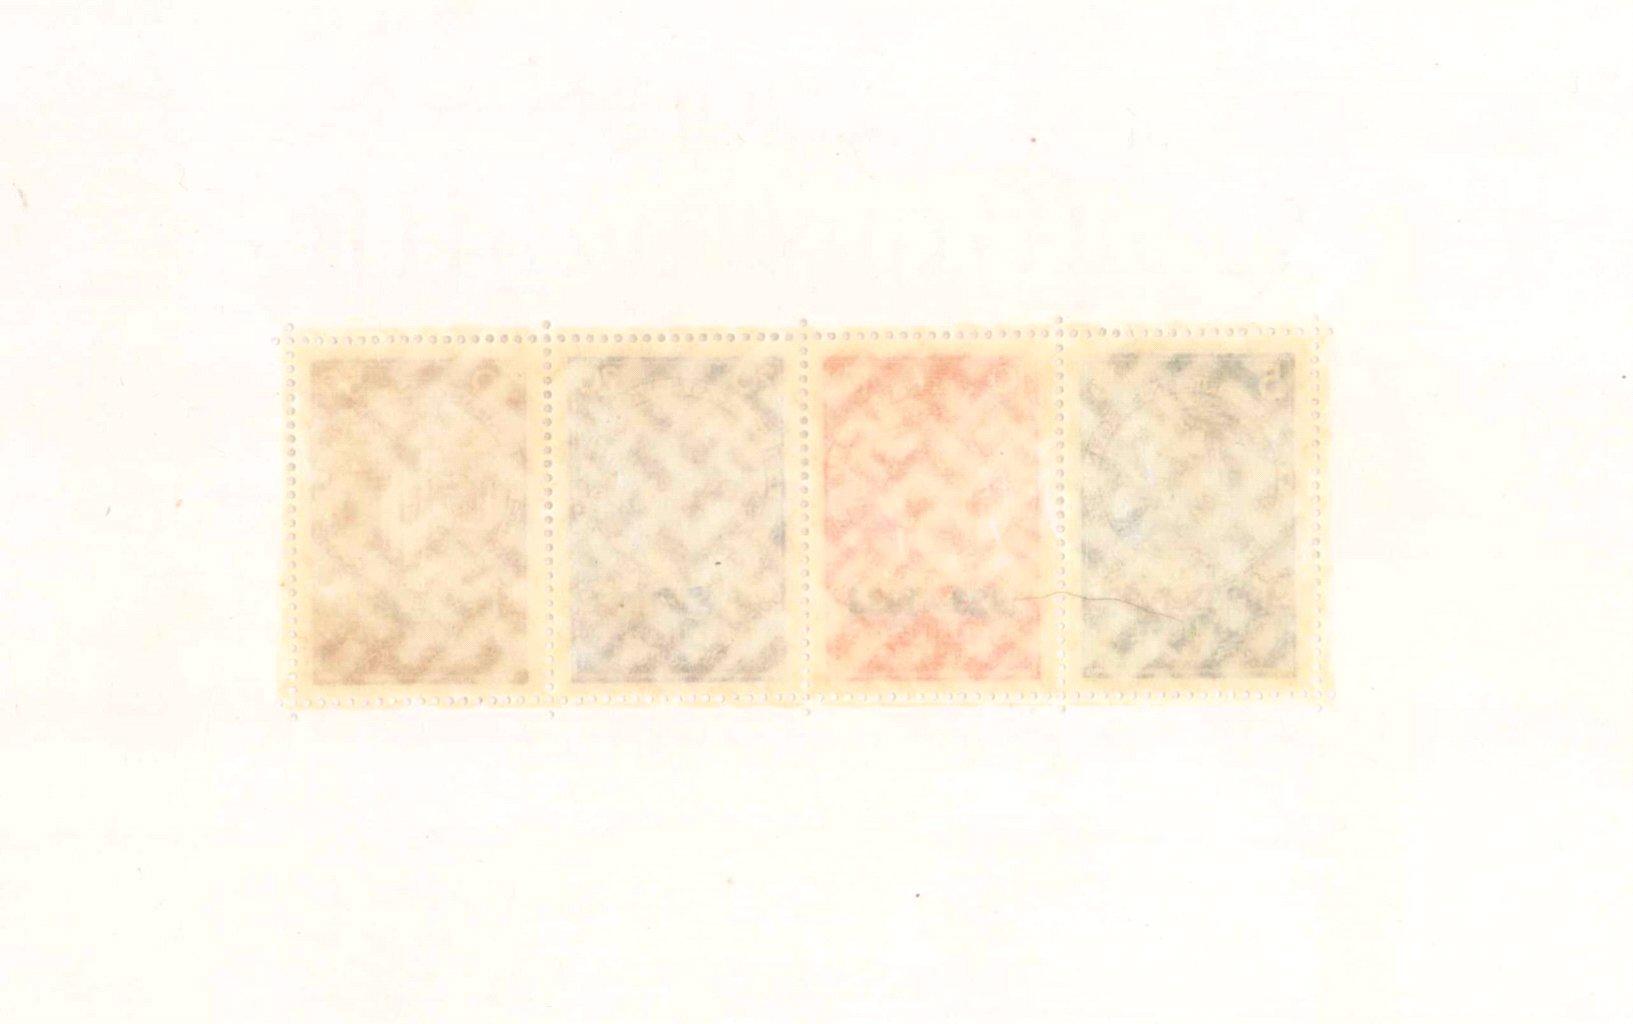 Deutsches Reich, Block 2, Nothilfe, ungebraucht-1